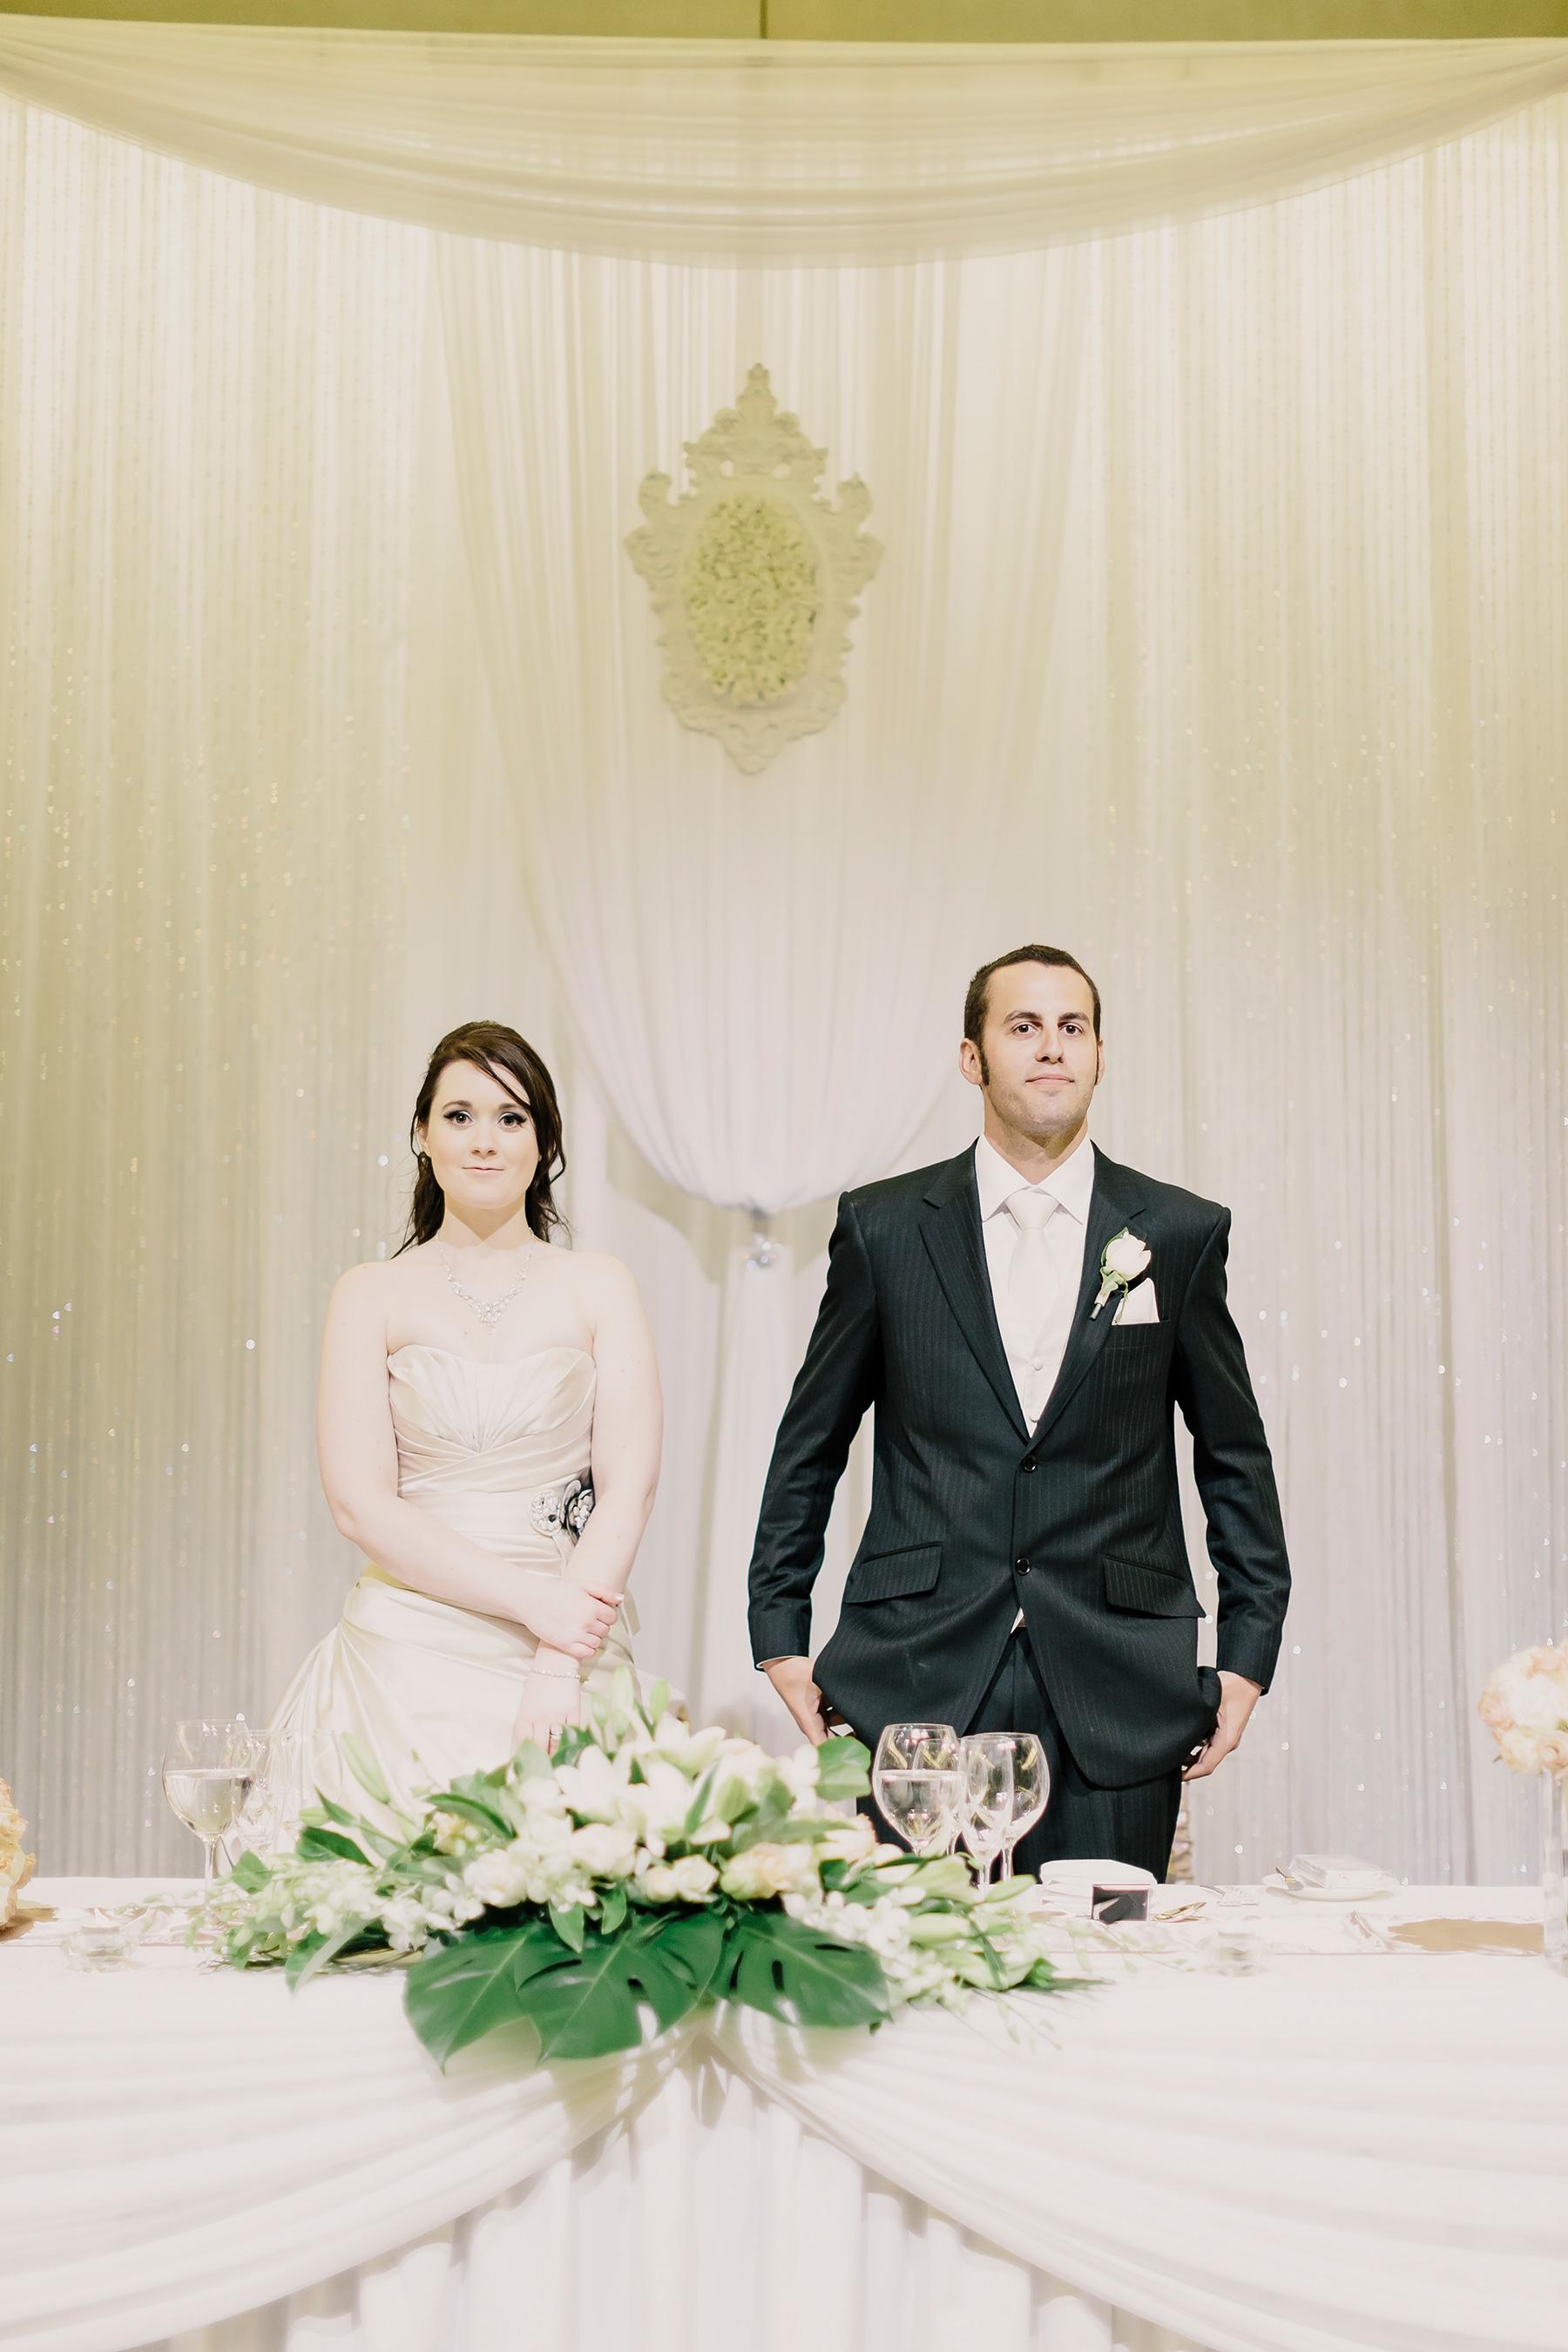 Kelly_Glen_Elegant-Wedding_042